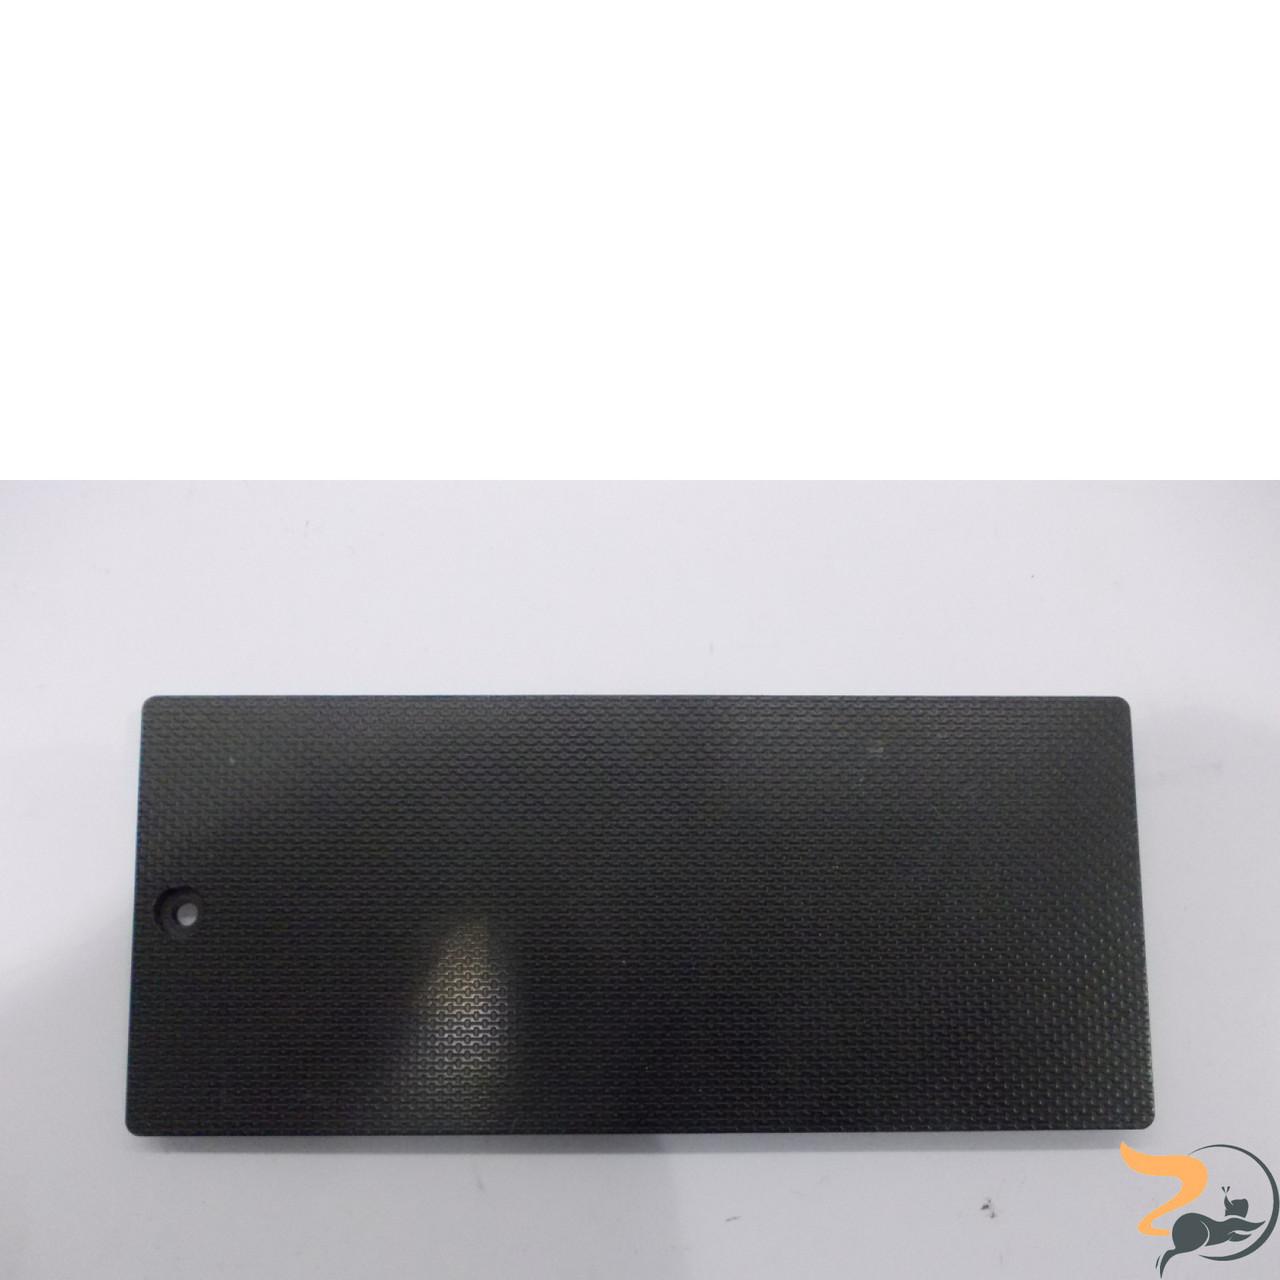 Сервісна кришка для ноутбука ASUS K53Z AP0K3000400 Б/В